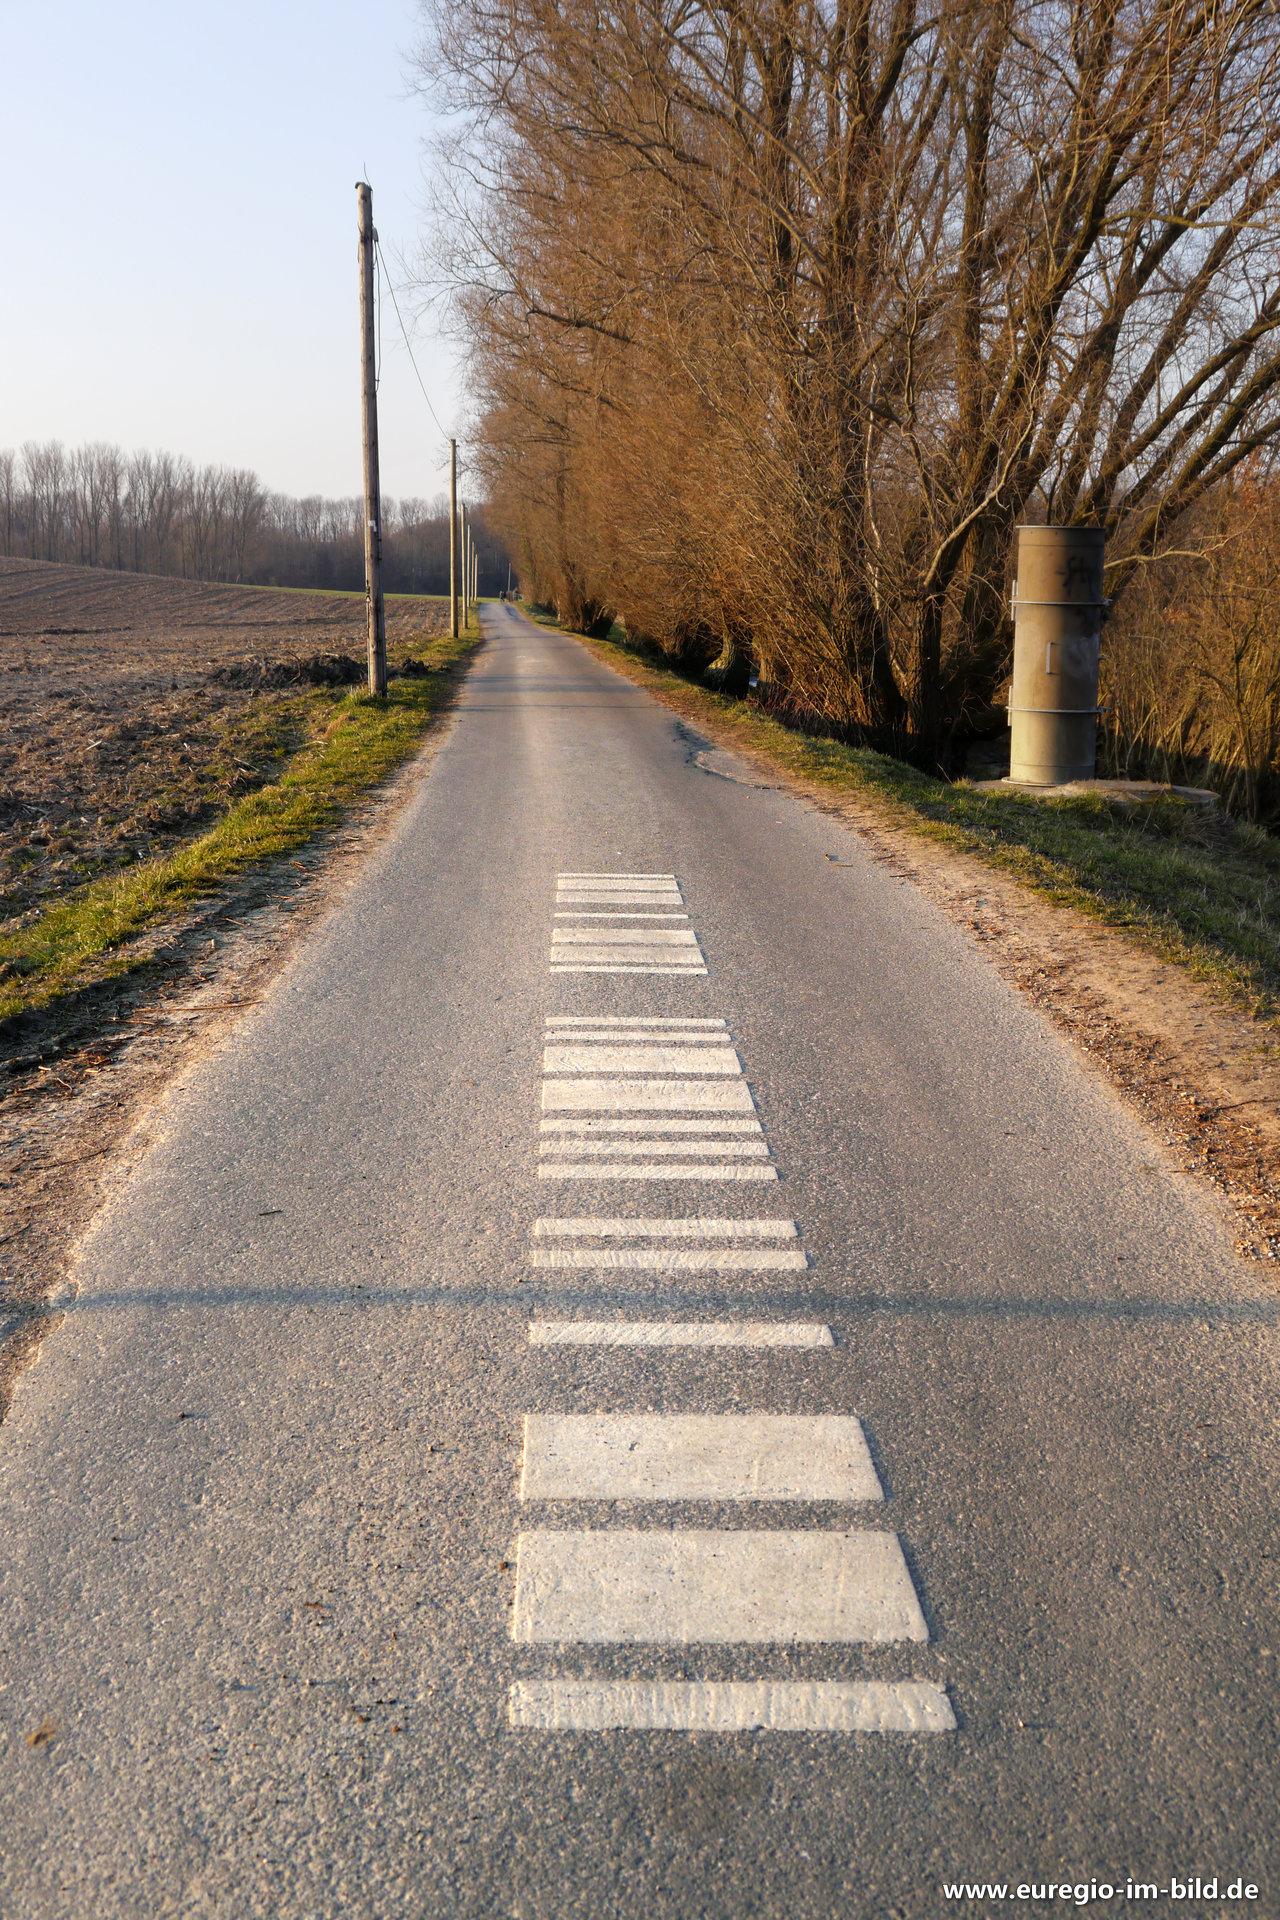 Morsezeichen Als Wegmarkierung Auf Dem Wei En Weg Bei